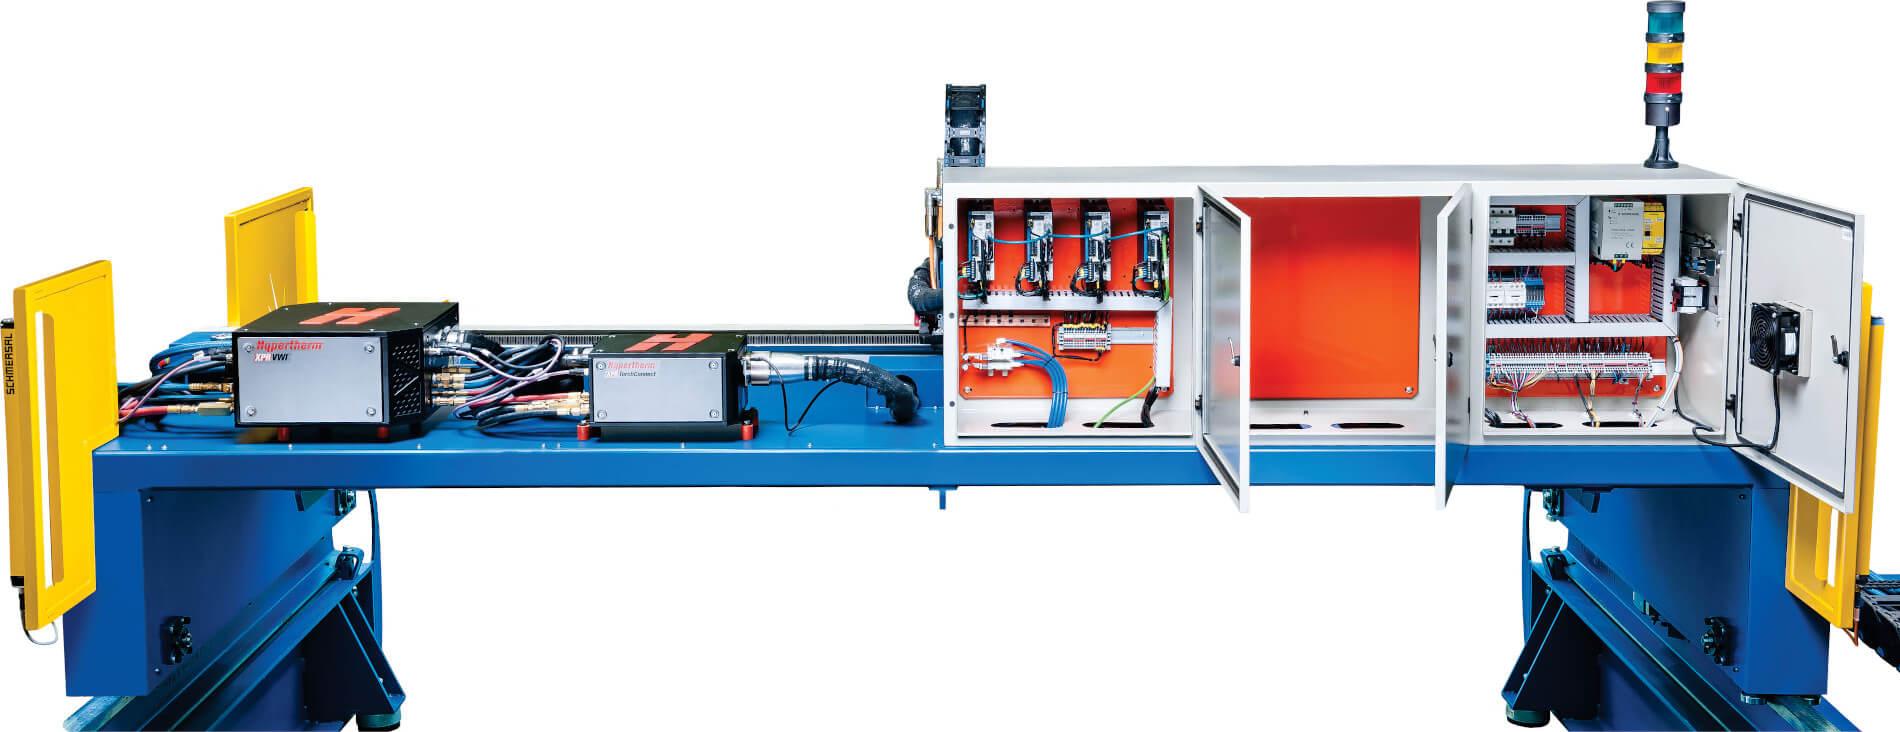 Painel Elétrico LineaCord - Plasma CNC